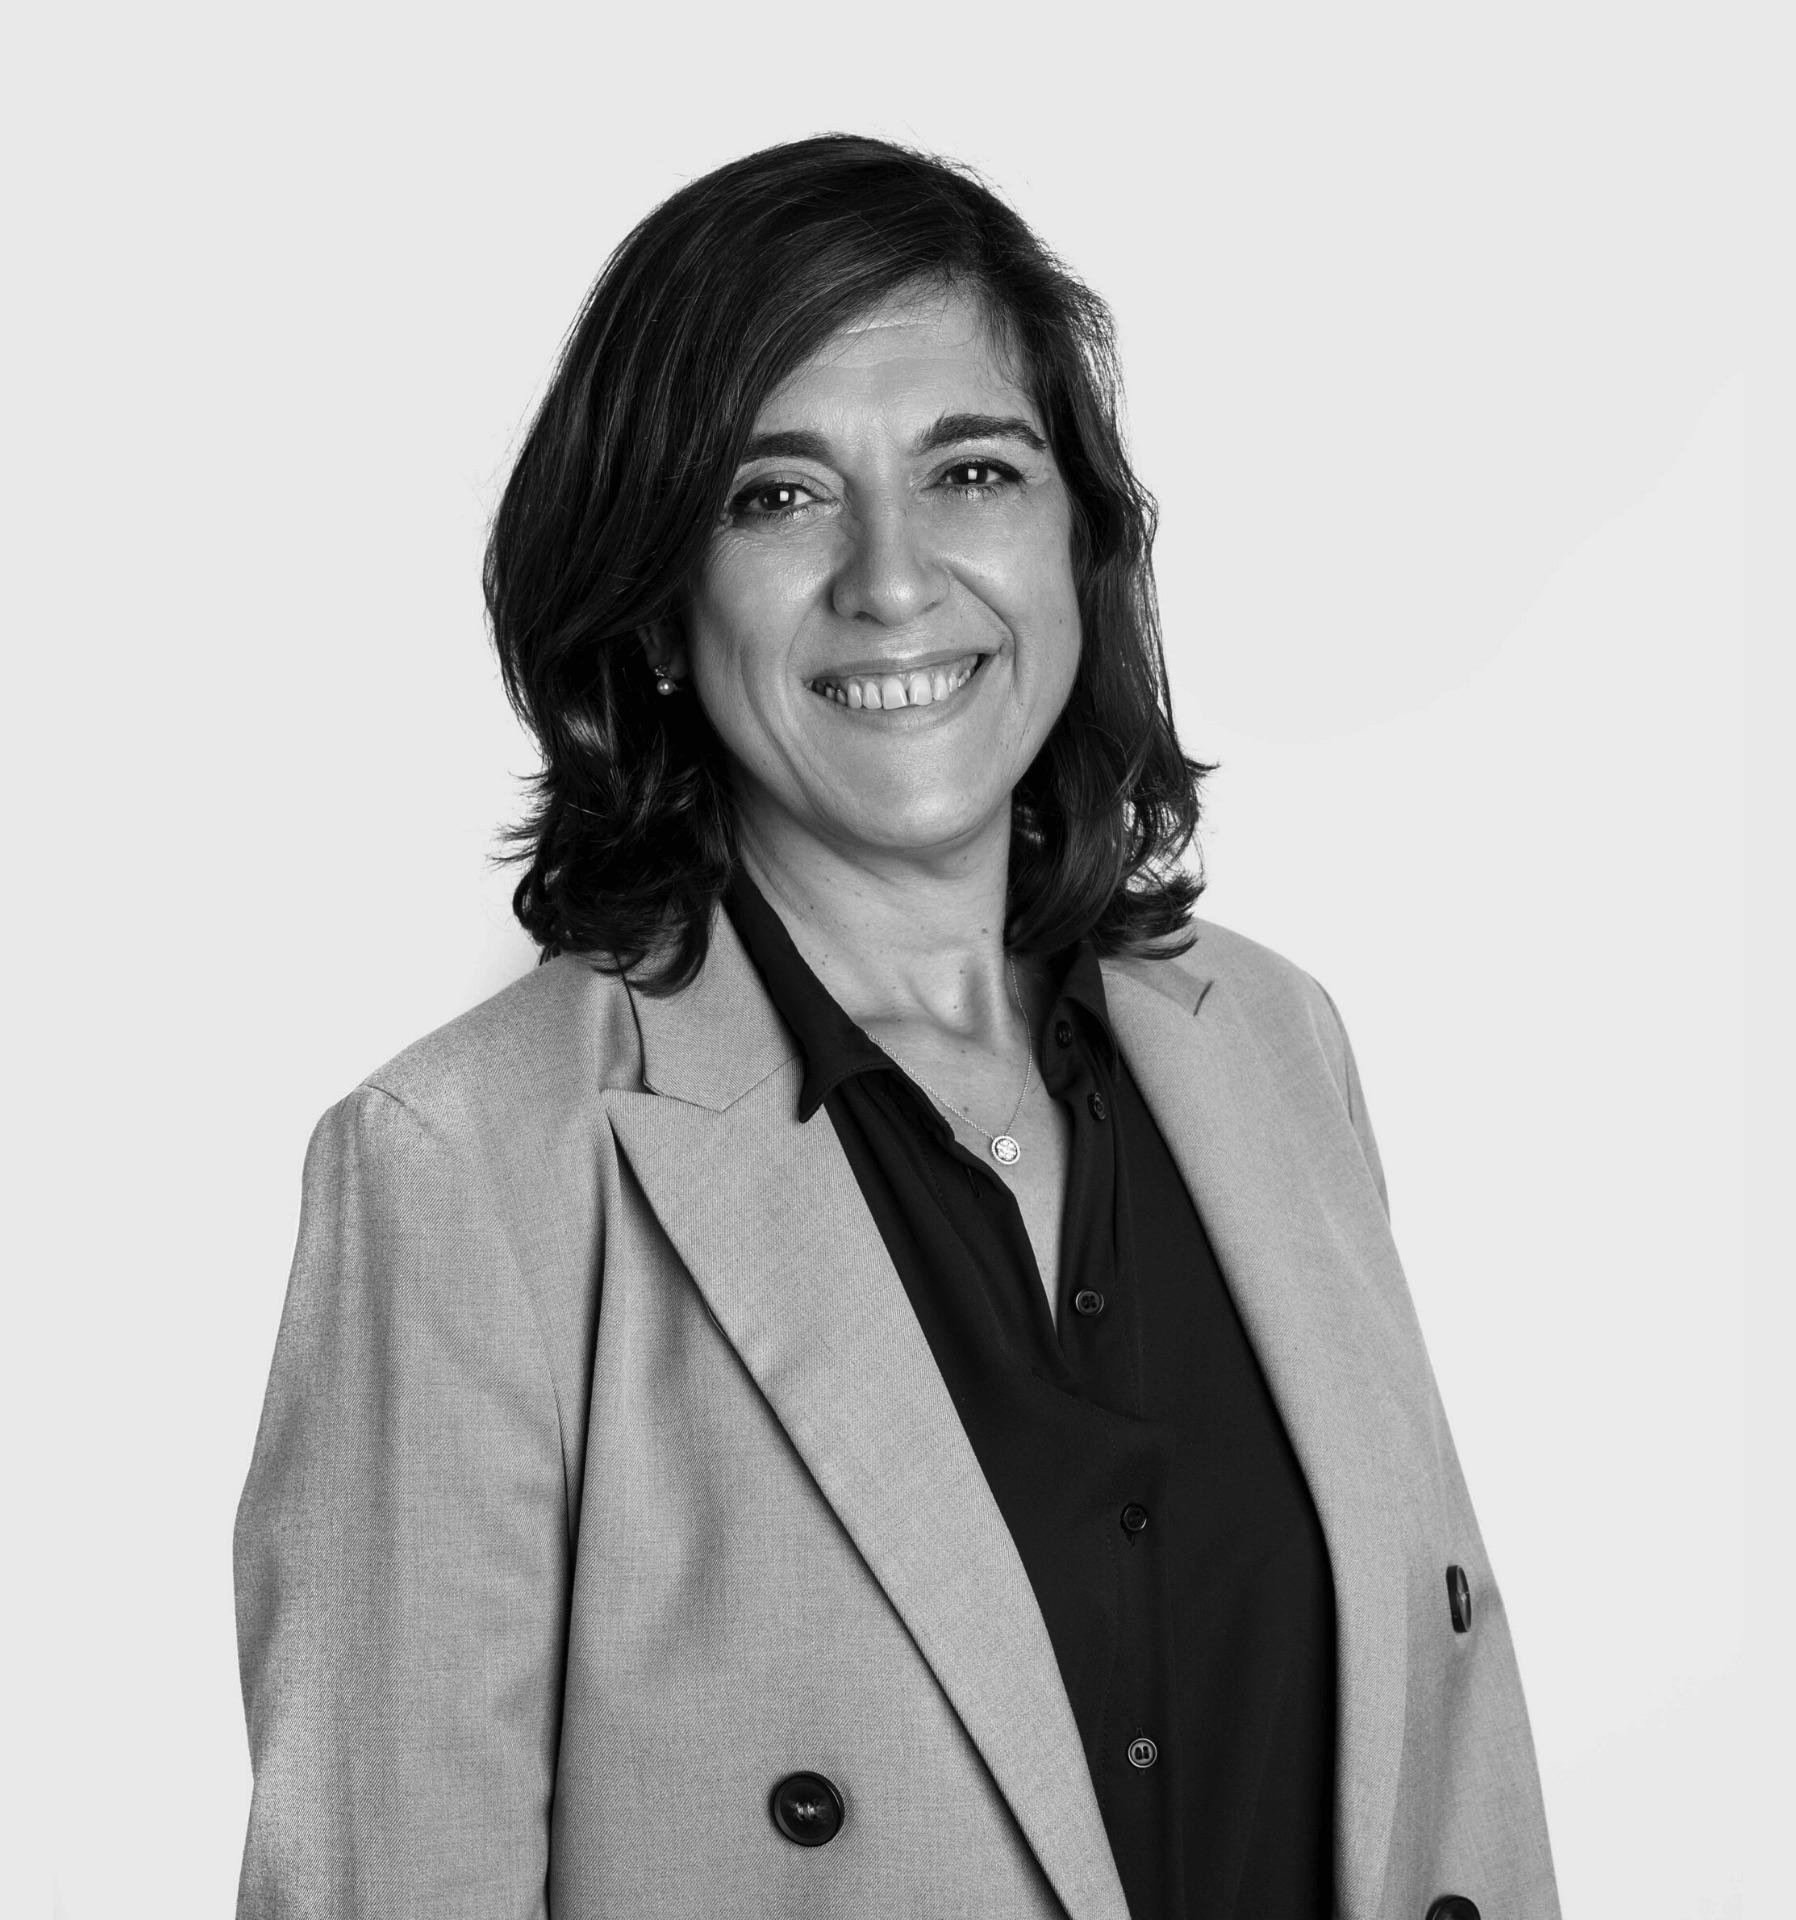 Kati Avilés